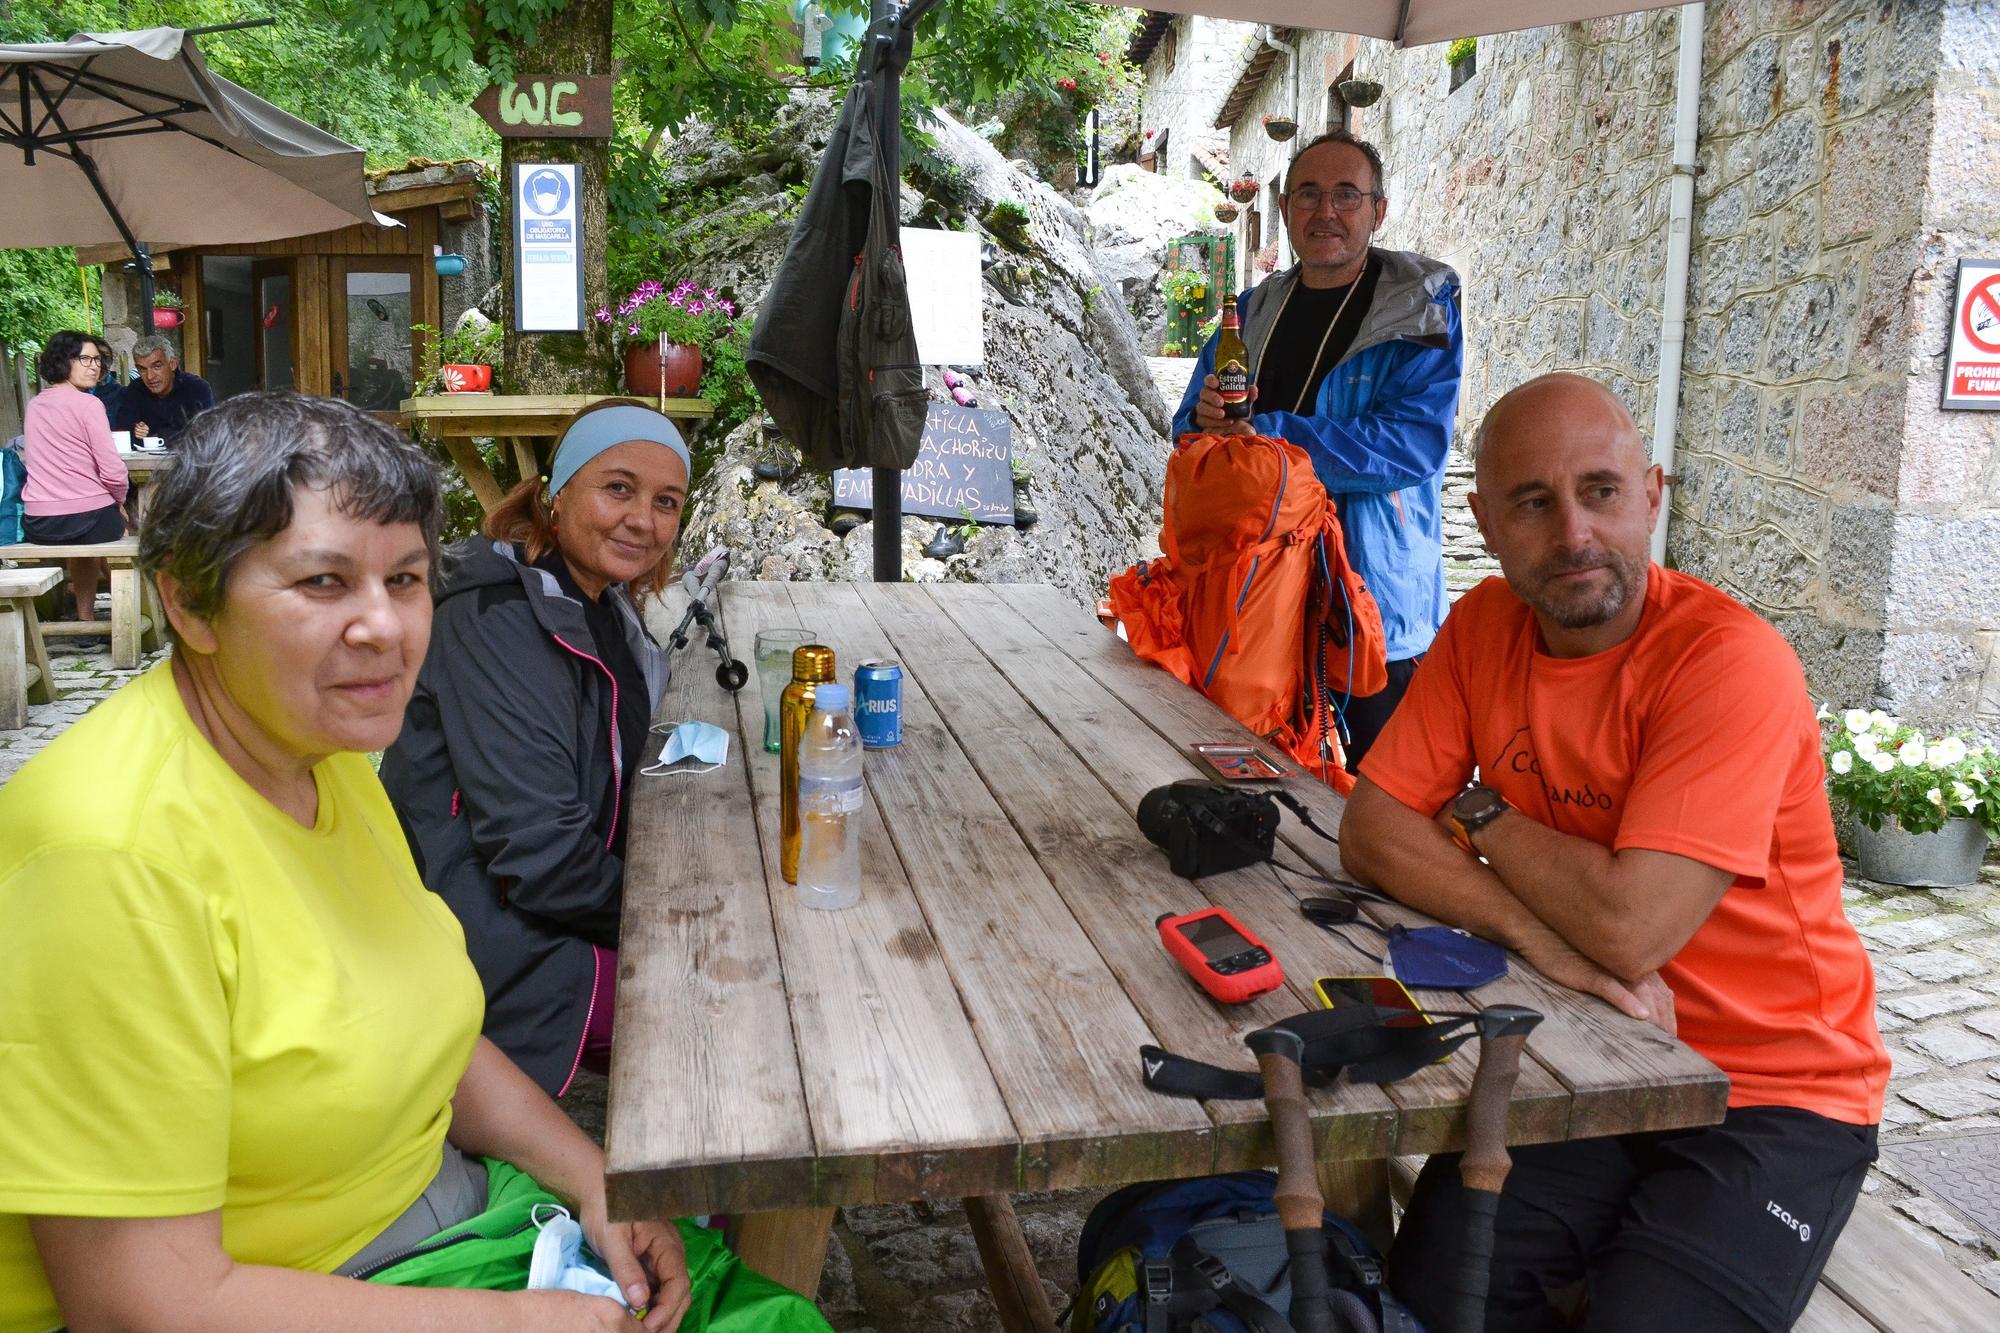 Por la izquierda los senderistas Rosa Casares, Beatriz López y Manuel Ferreiro acompañados por su guía Guillermo Díaz, todos gallegos, y que estaban por primera vez en Bulnes.